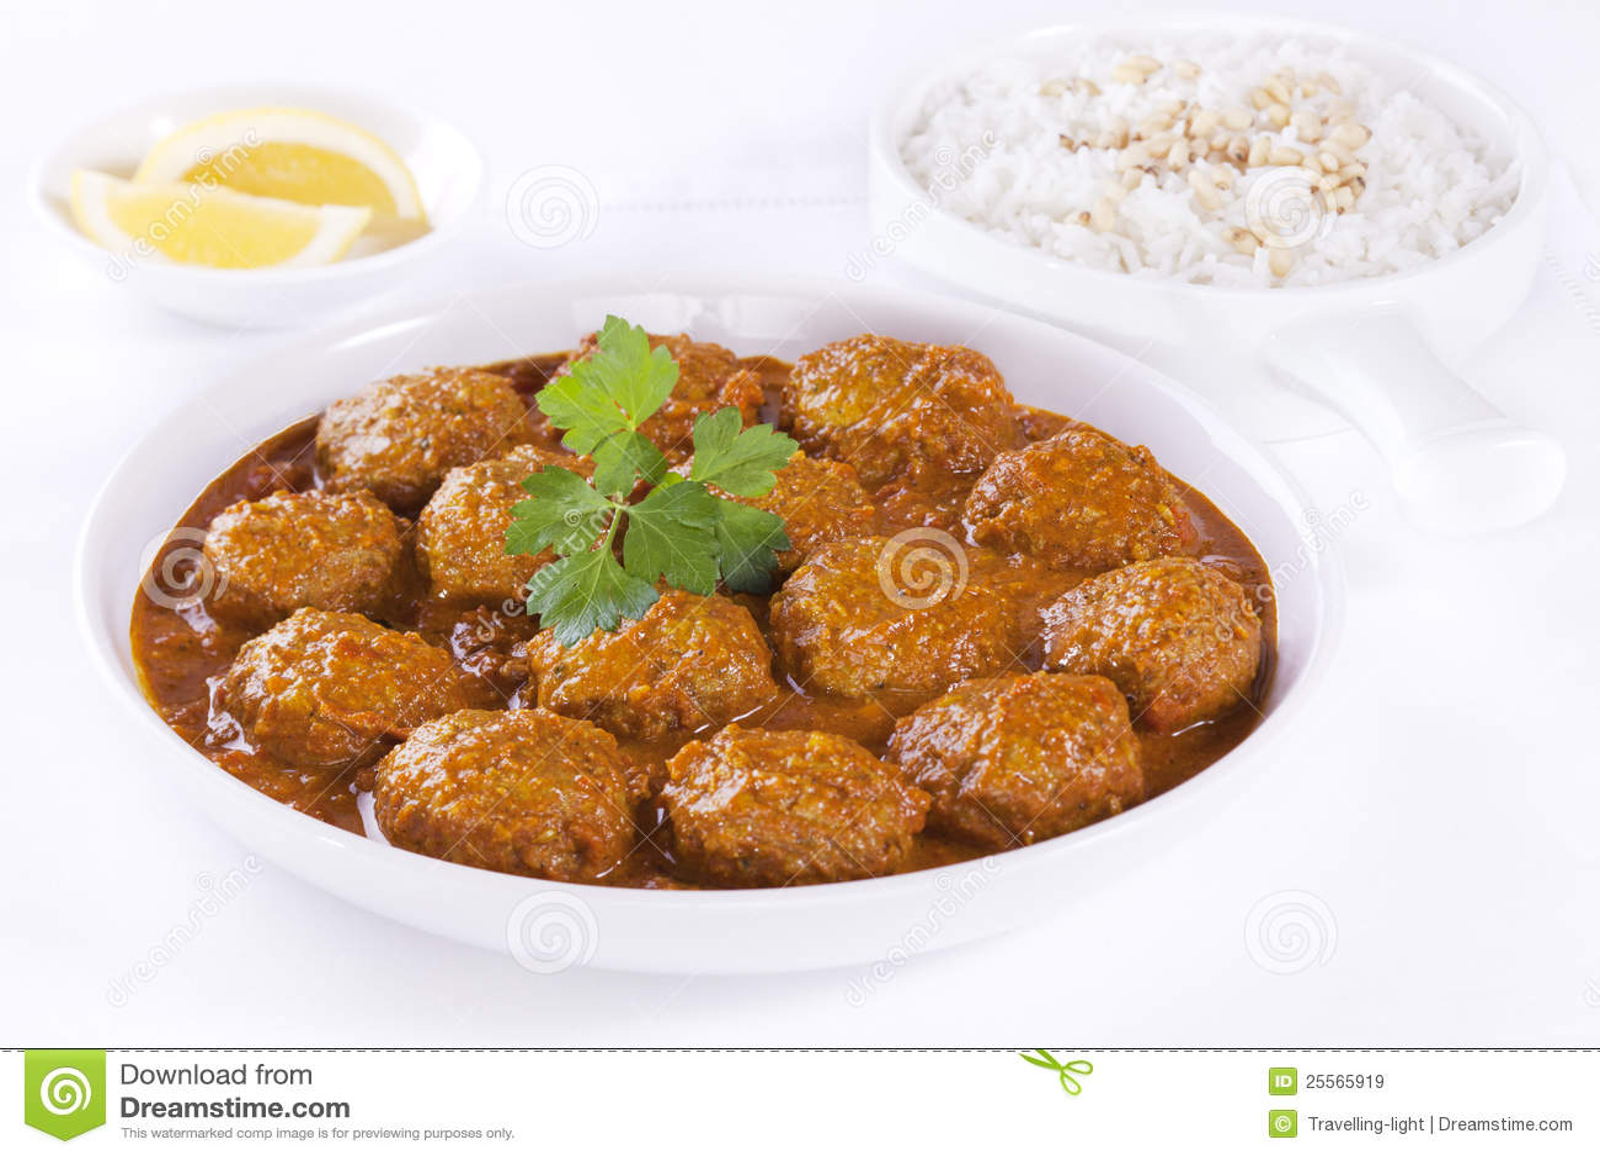 Boulettes de viande en sauce avec du riz image stock image 25565919 - Boulette de viande en sauce ...